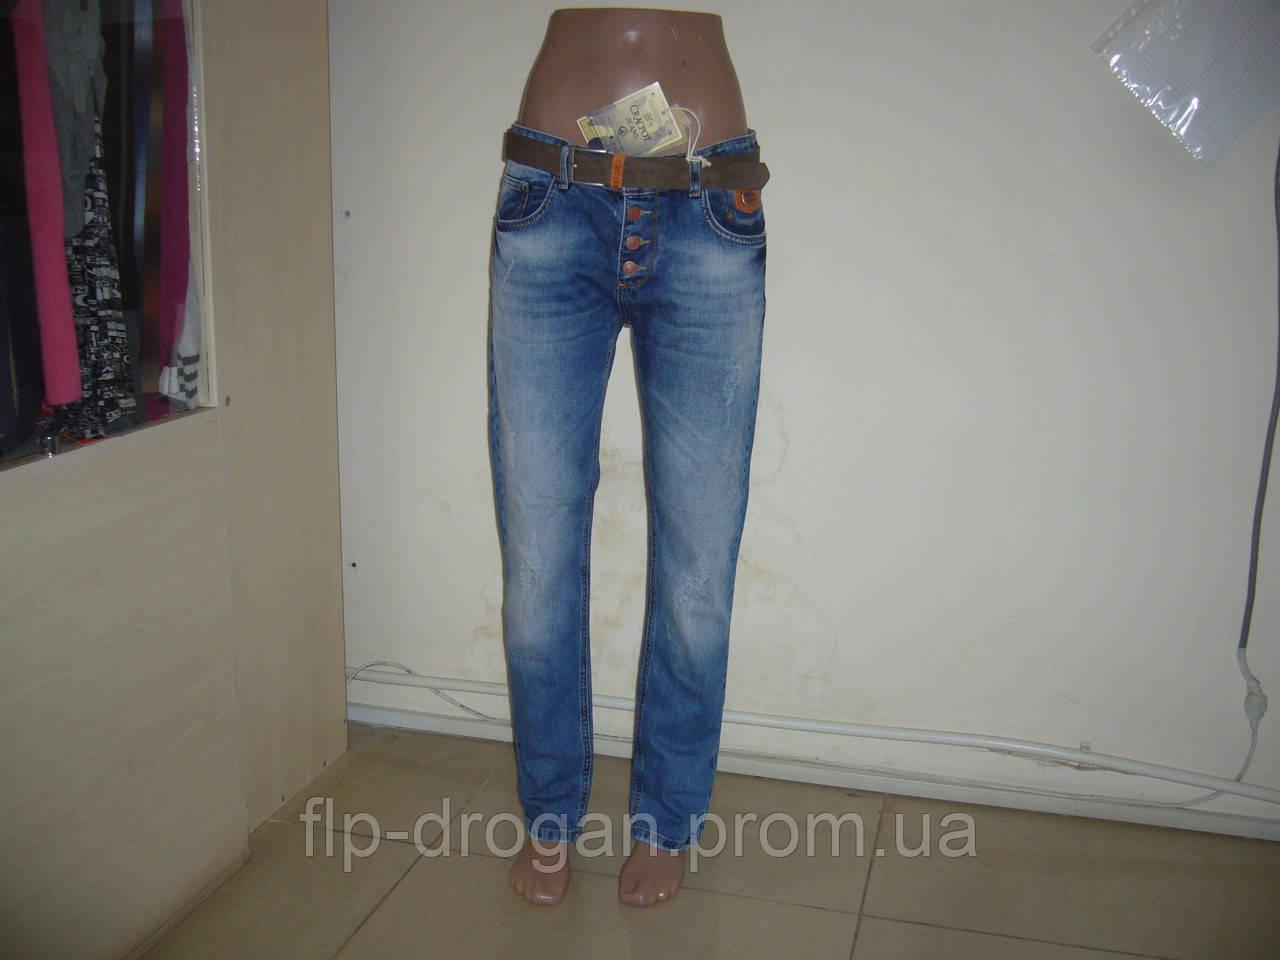 652edaa7db6ab Джинсы женские бойфренды Турция Crackpot 28 29 30 31 32 - Интернет-магазин